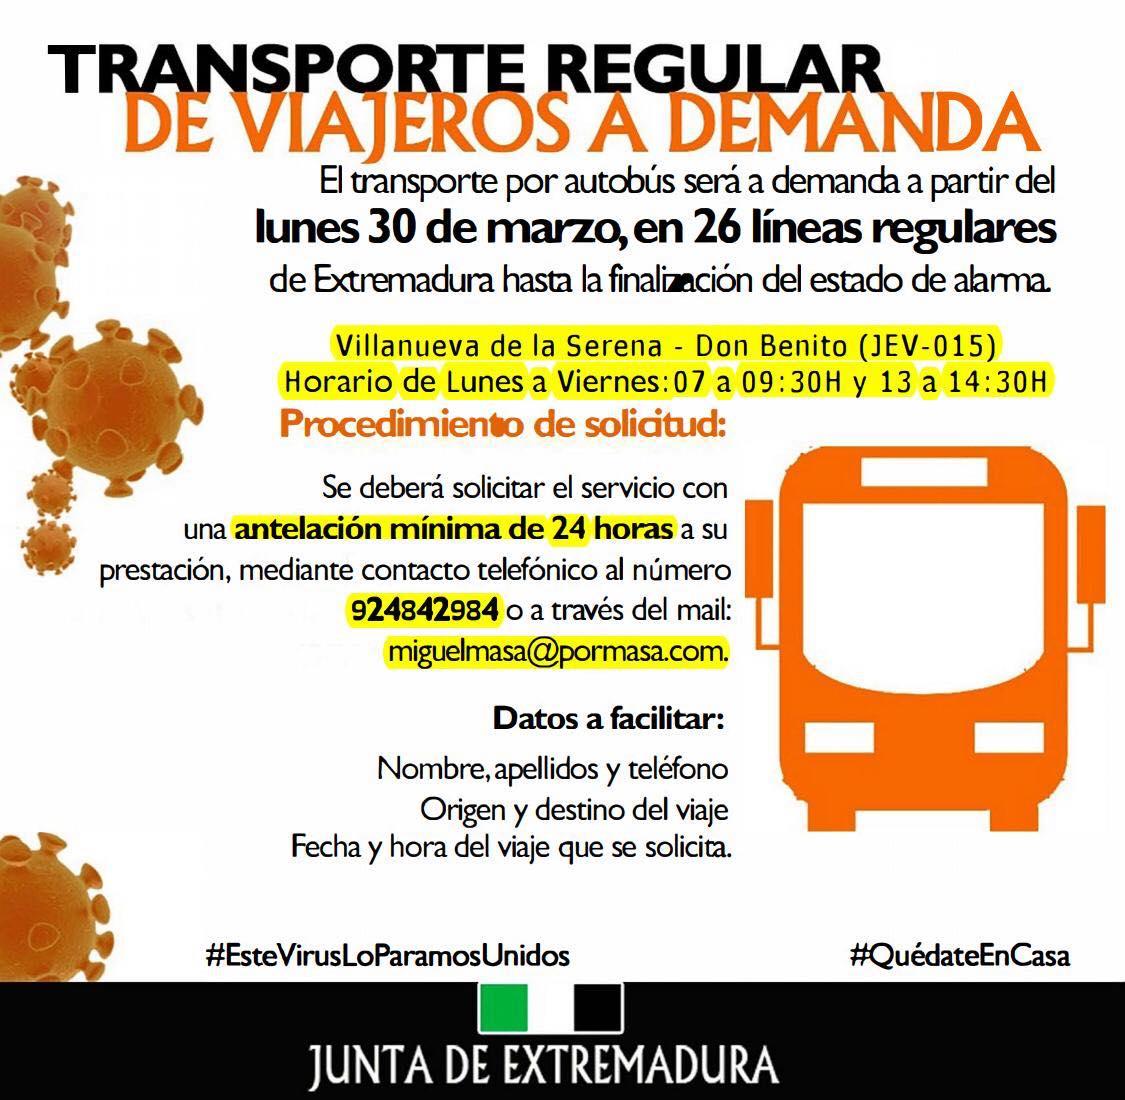 El transporte de viajeros por autobús en la línea Villanueva - Don Benito, será a demanda